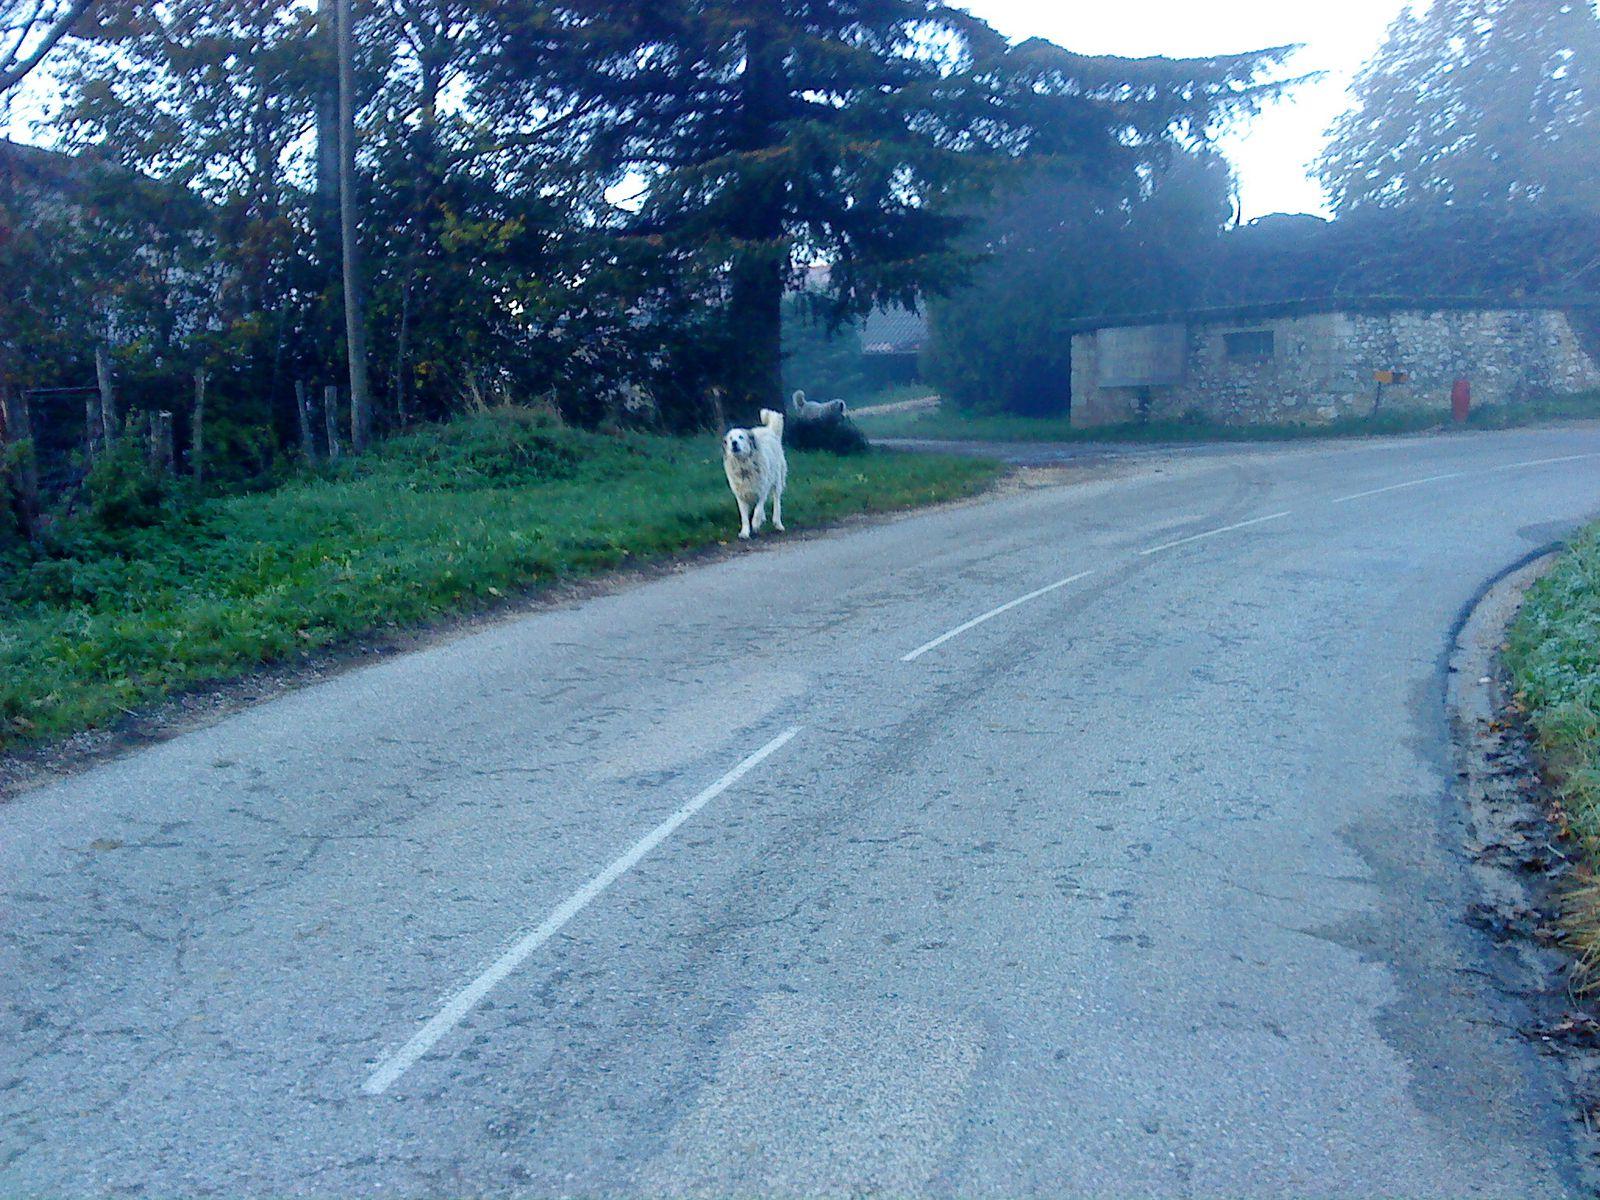 attention !! en haut de st andré,que se soit en vélo ou en courant,y à souvent ces 2 gros chiens qui sortent de la propriété.attention aux mollets !!!!